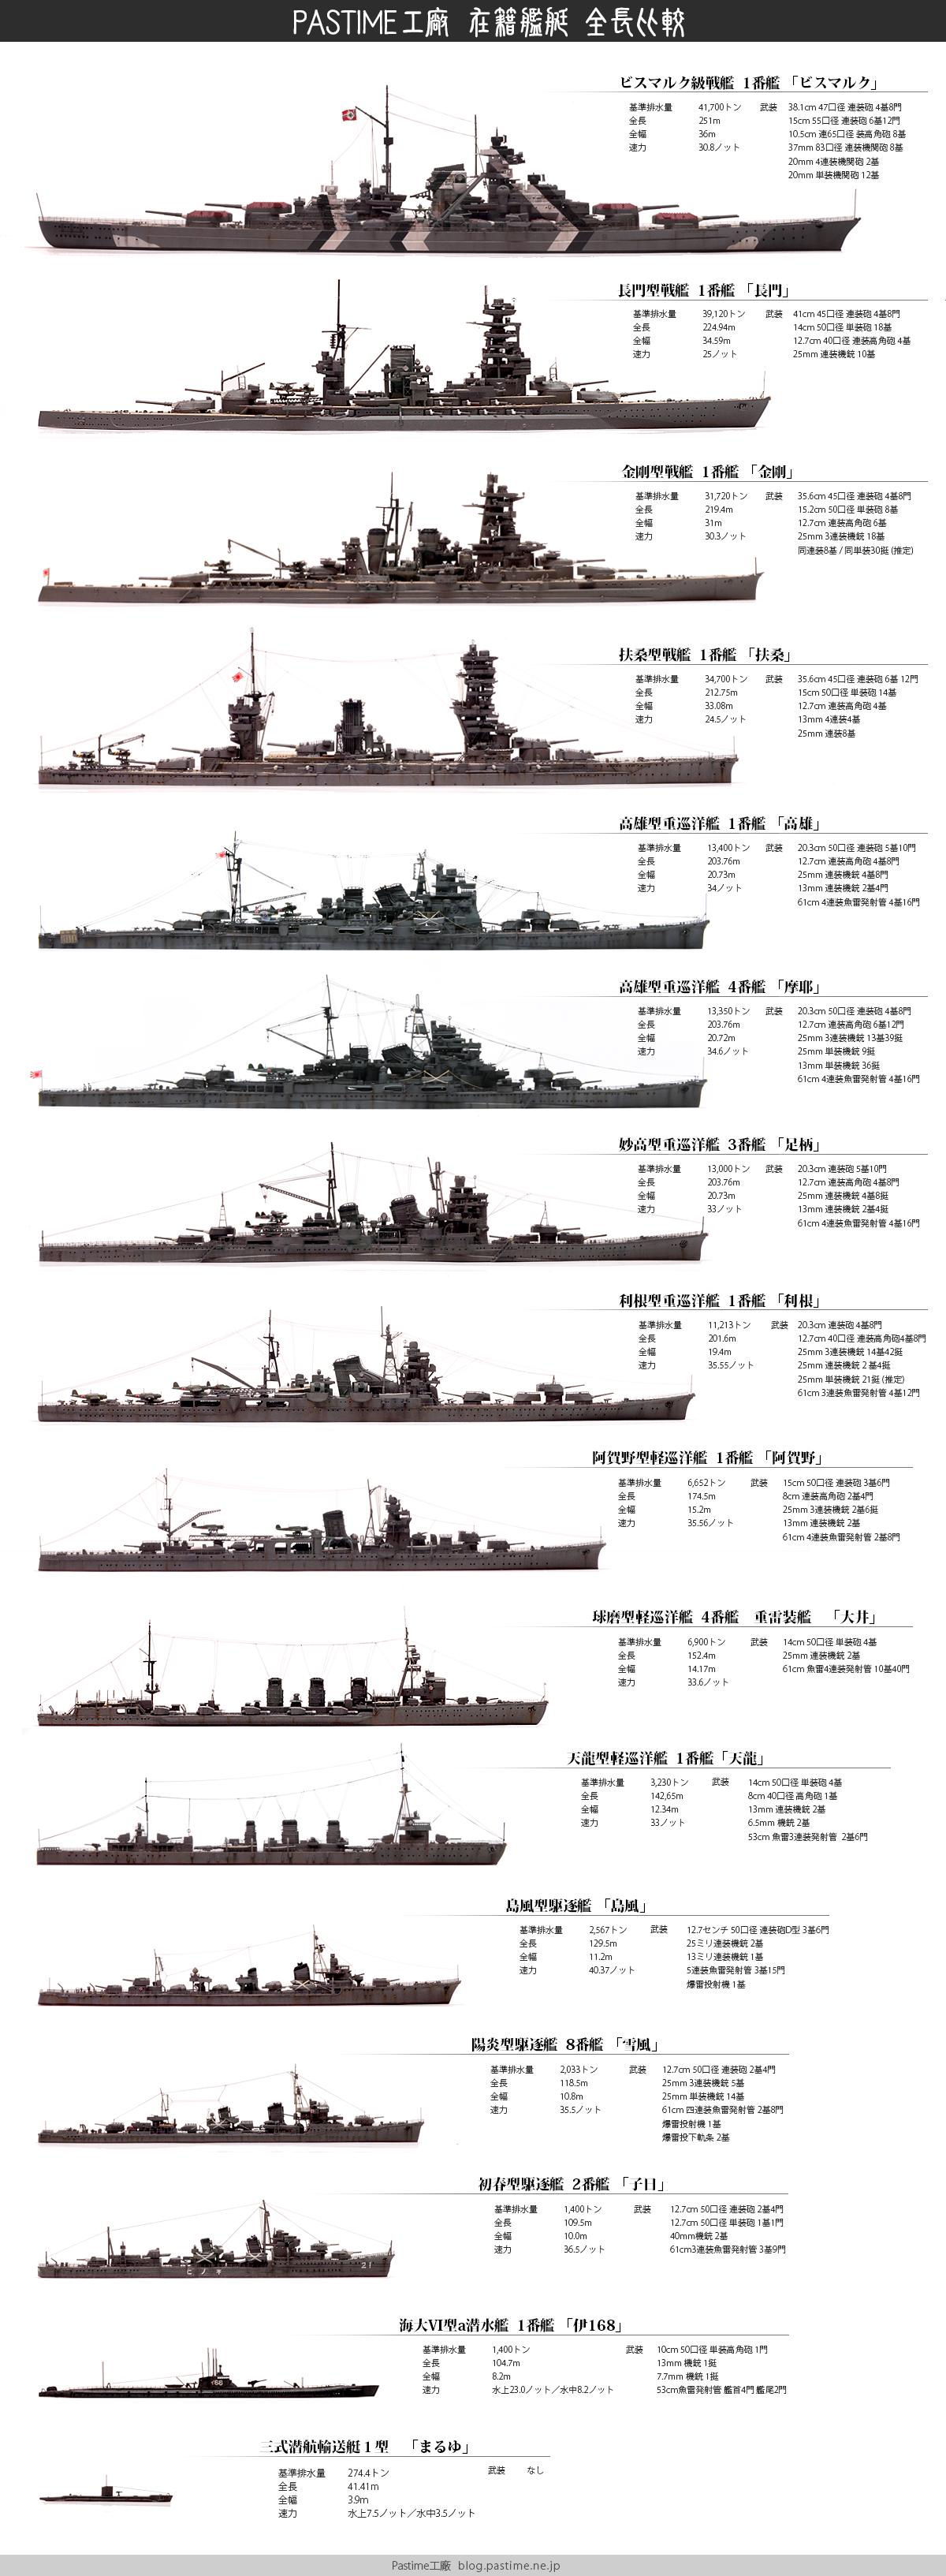 軍艦 全長 比較